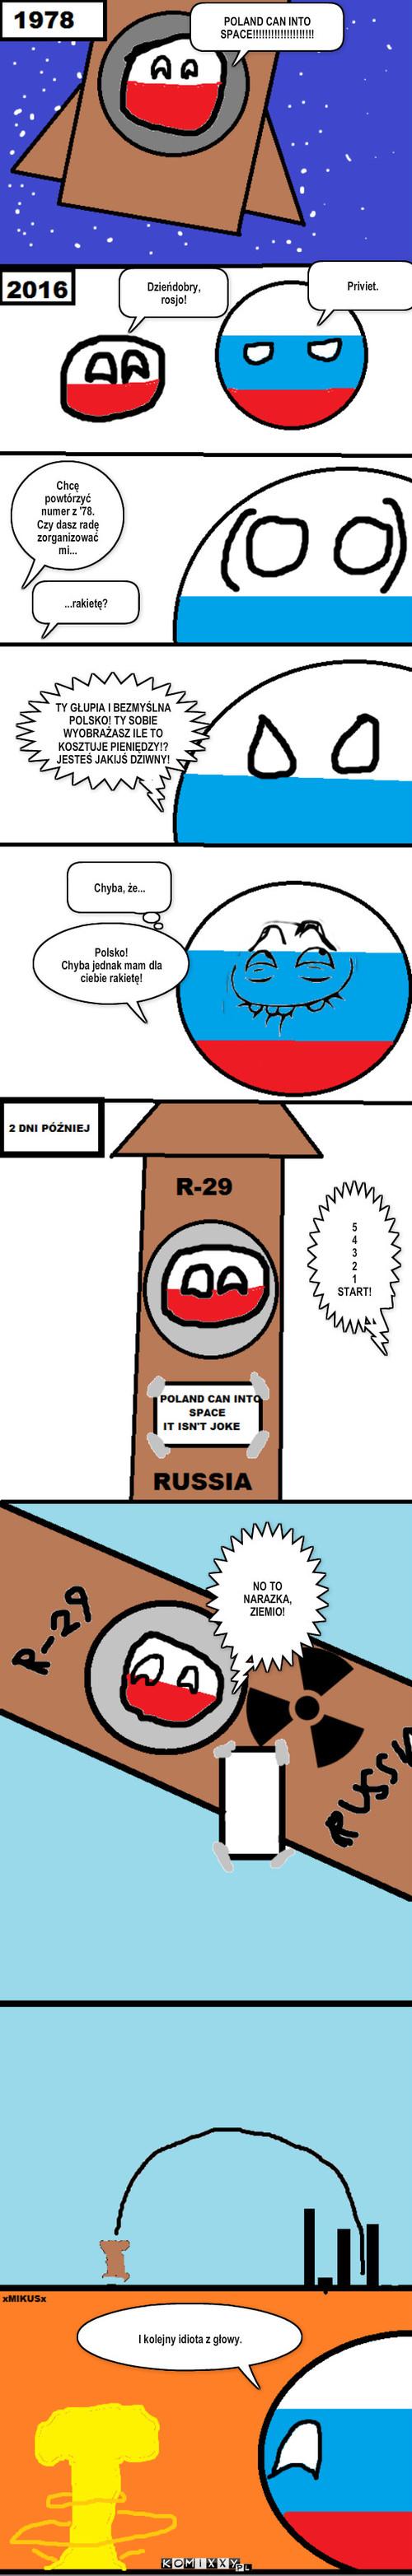 Poland can'T into space – POLAND CAN INTO SPACE!!!!!!!!!!!!!!!!!!!! Dzieńdobry, rosjo! Priviet. Chcę powtórzyć numer z '78. Czy dasz radę zorganizować mi... ...rakietę? TY GŁUPIA I BEZMYŚLNA POLSKO! TY SOBIE WYOBRAŻASZ ILE TO KOSZTUJE PIENIĘDZY!?JESTEŚ JAKIJŚ DZIWNY! Chyba, że... Polsko!Chyba jednak mam dla ciebie rakietę! 54321START! NO TO NARAZKA, ZIEMIO! I kolejny idiota z głowy.